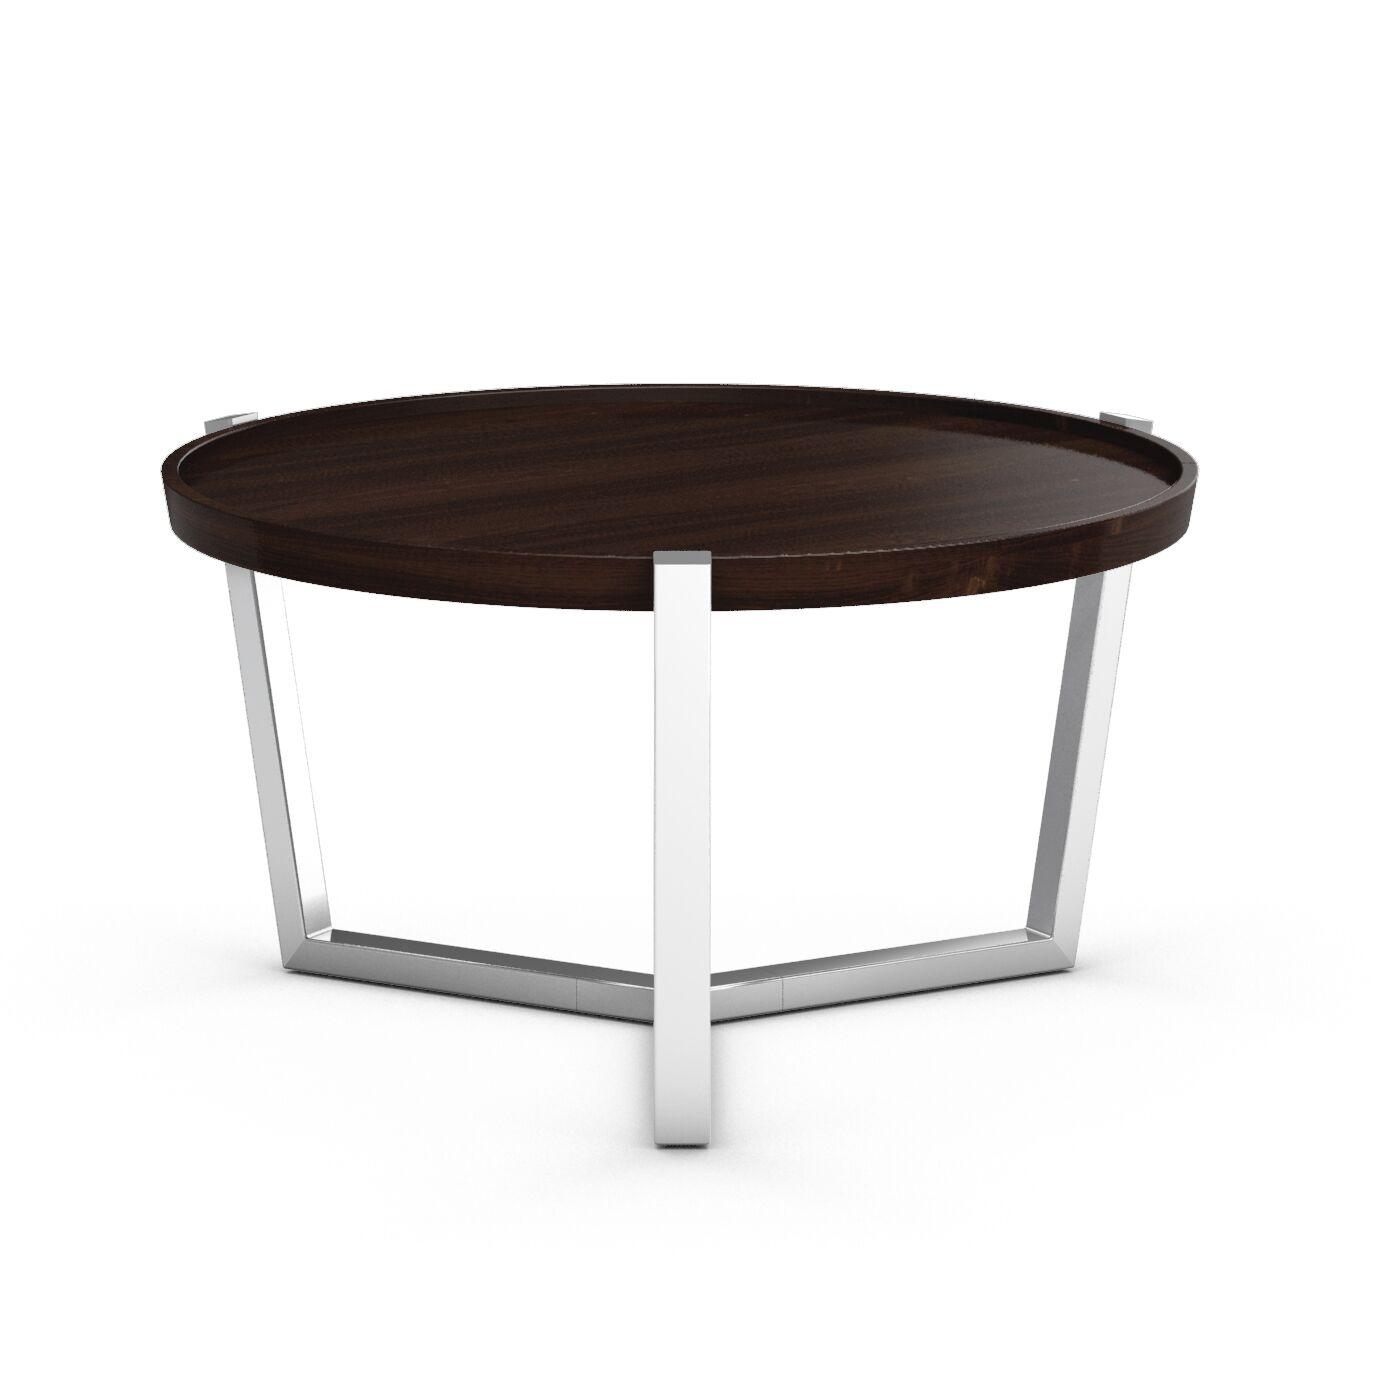 Cirque Condo Coffee Table with Tray Top Color: Coffee